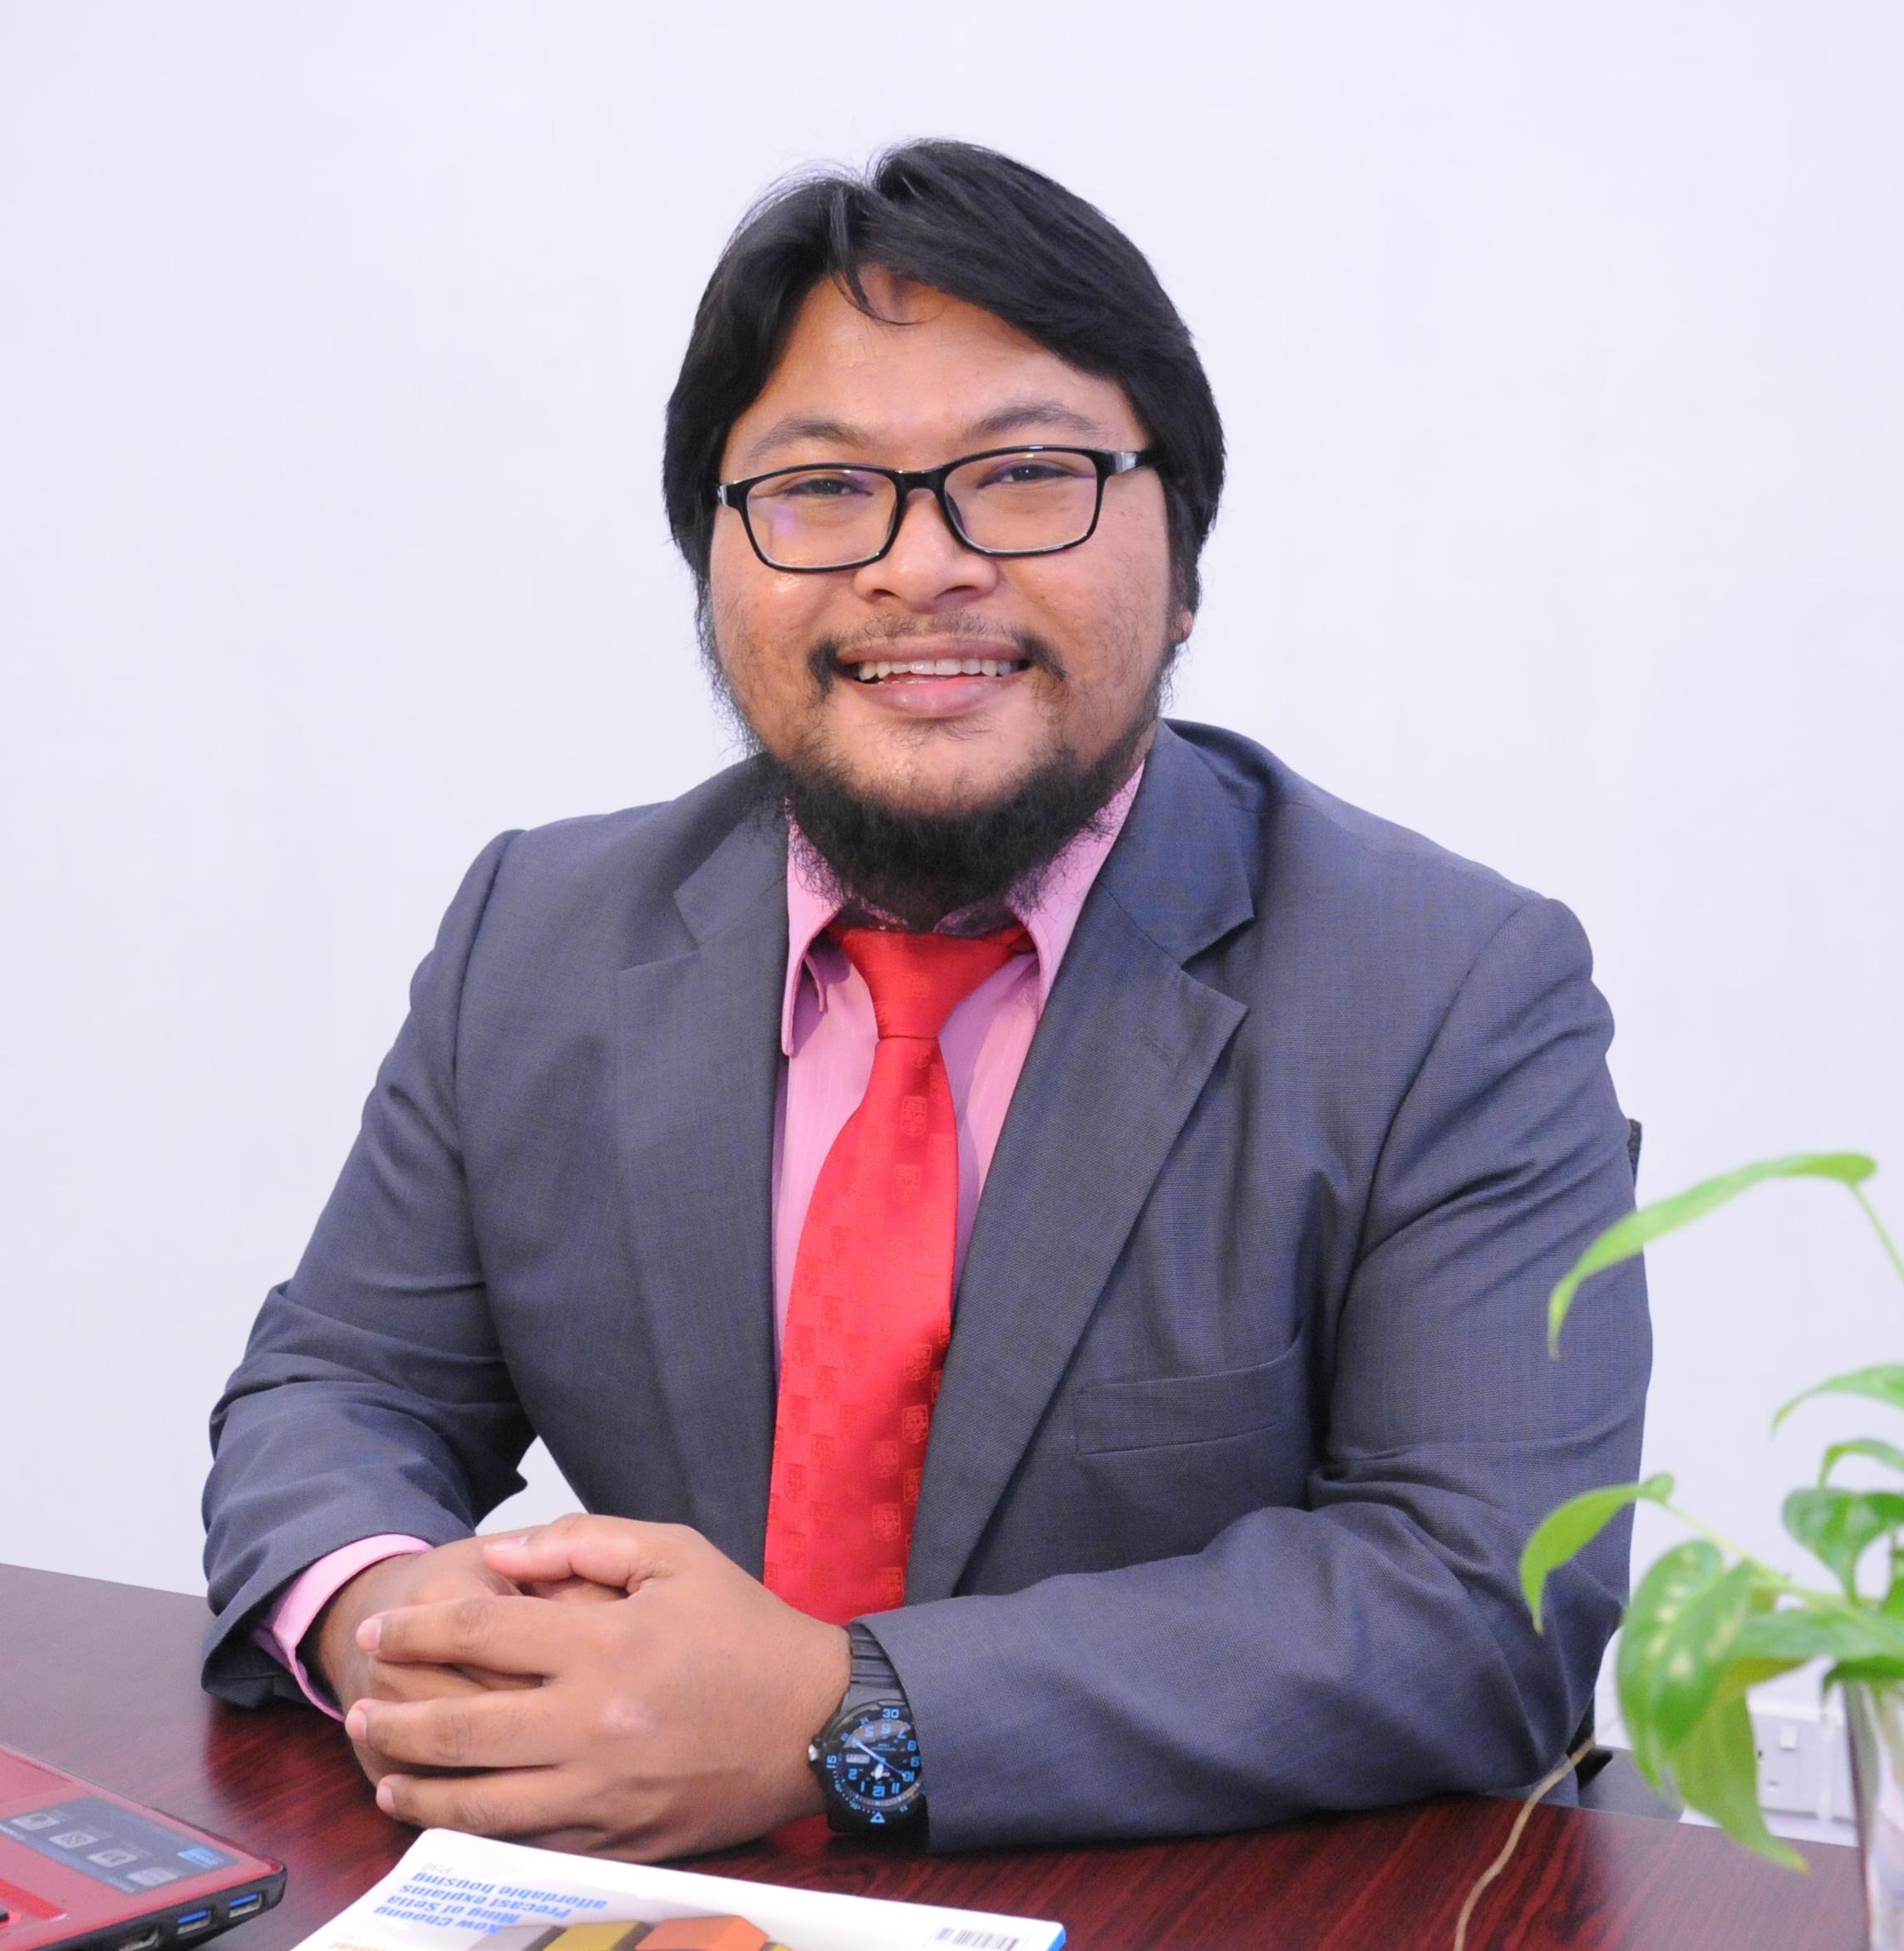 Dr. Hassimi Abu Hasan